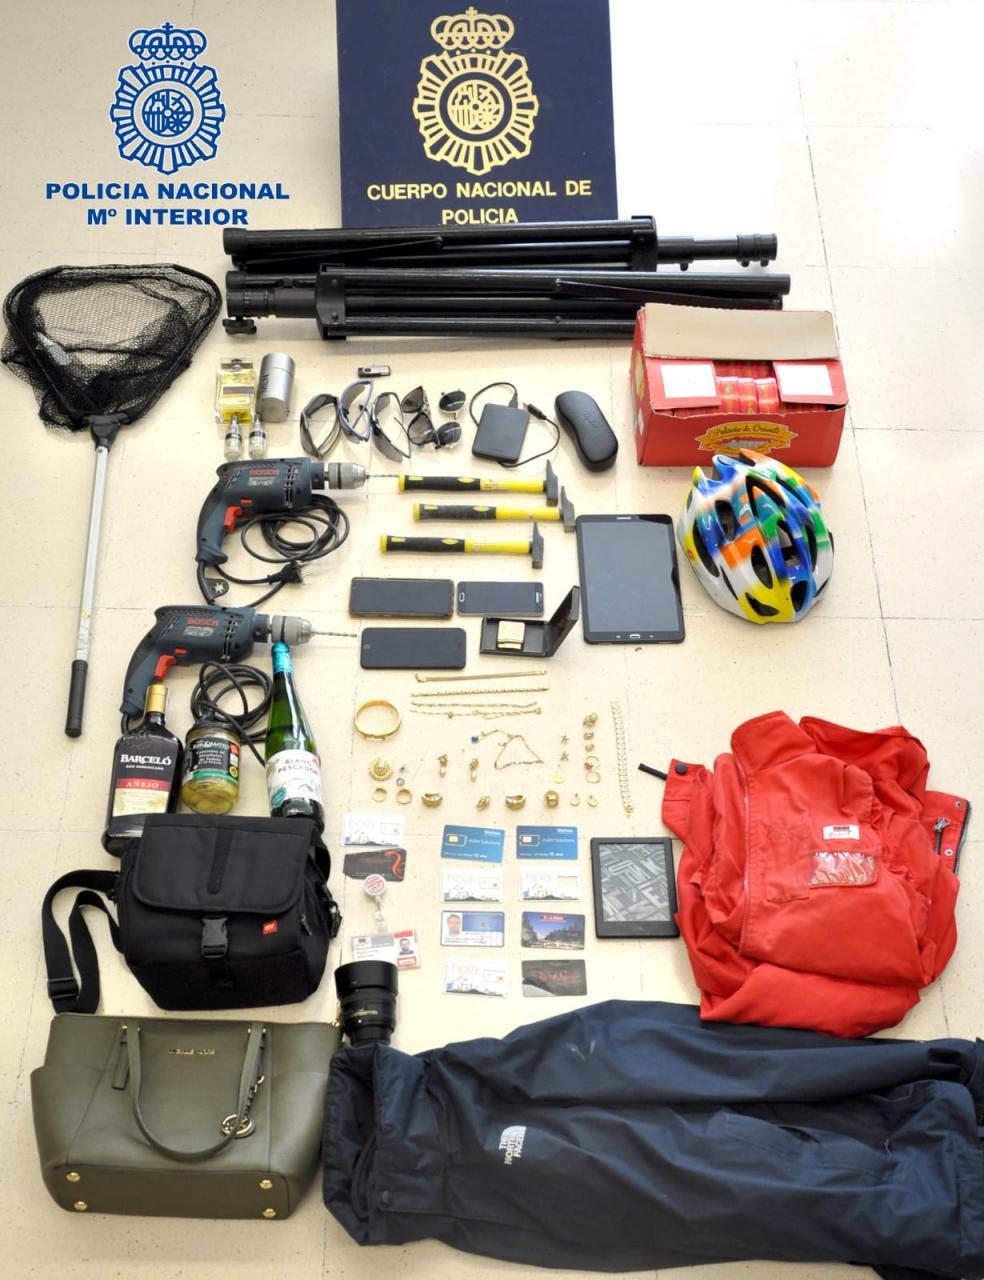 Algunas de las herramientas que el detenido utilizaba para los robos